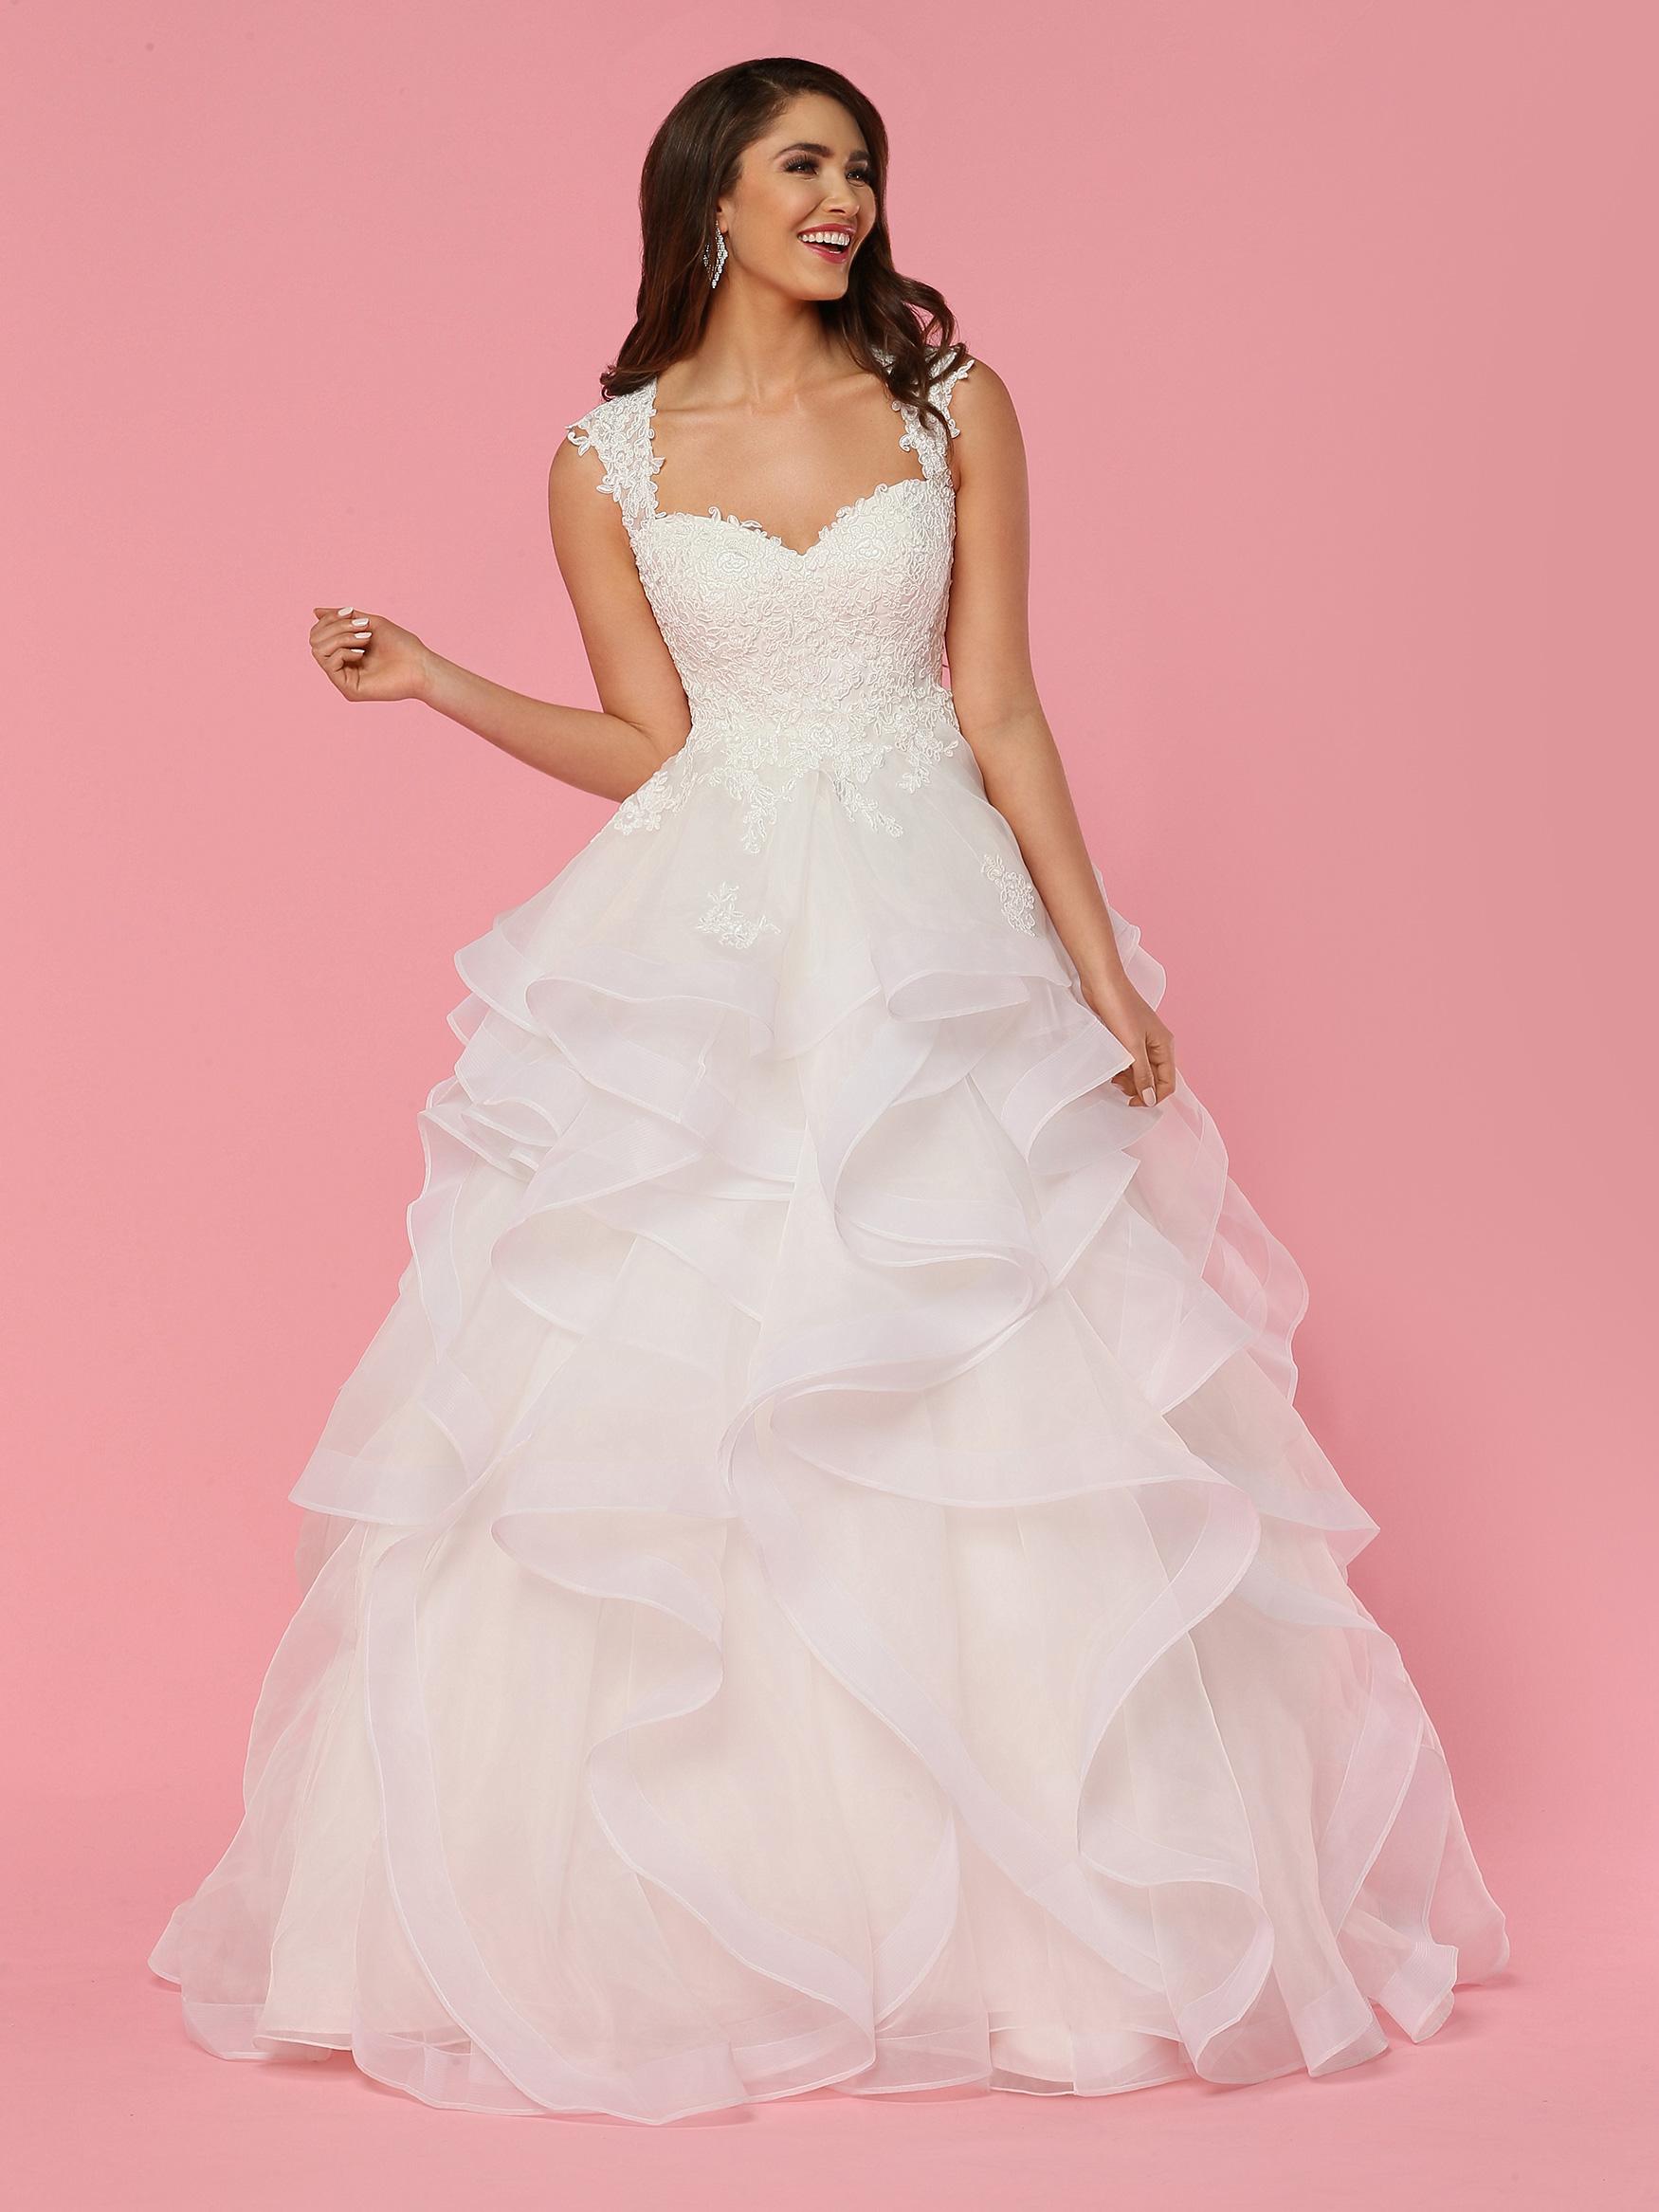 Ruffled Wedding Dresses Style #50442